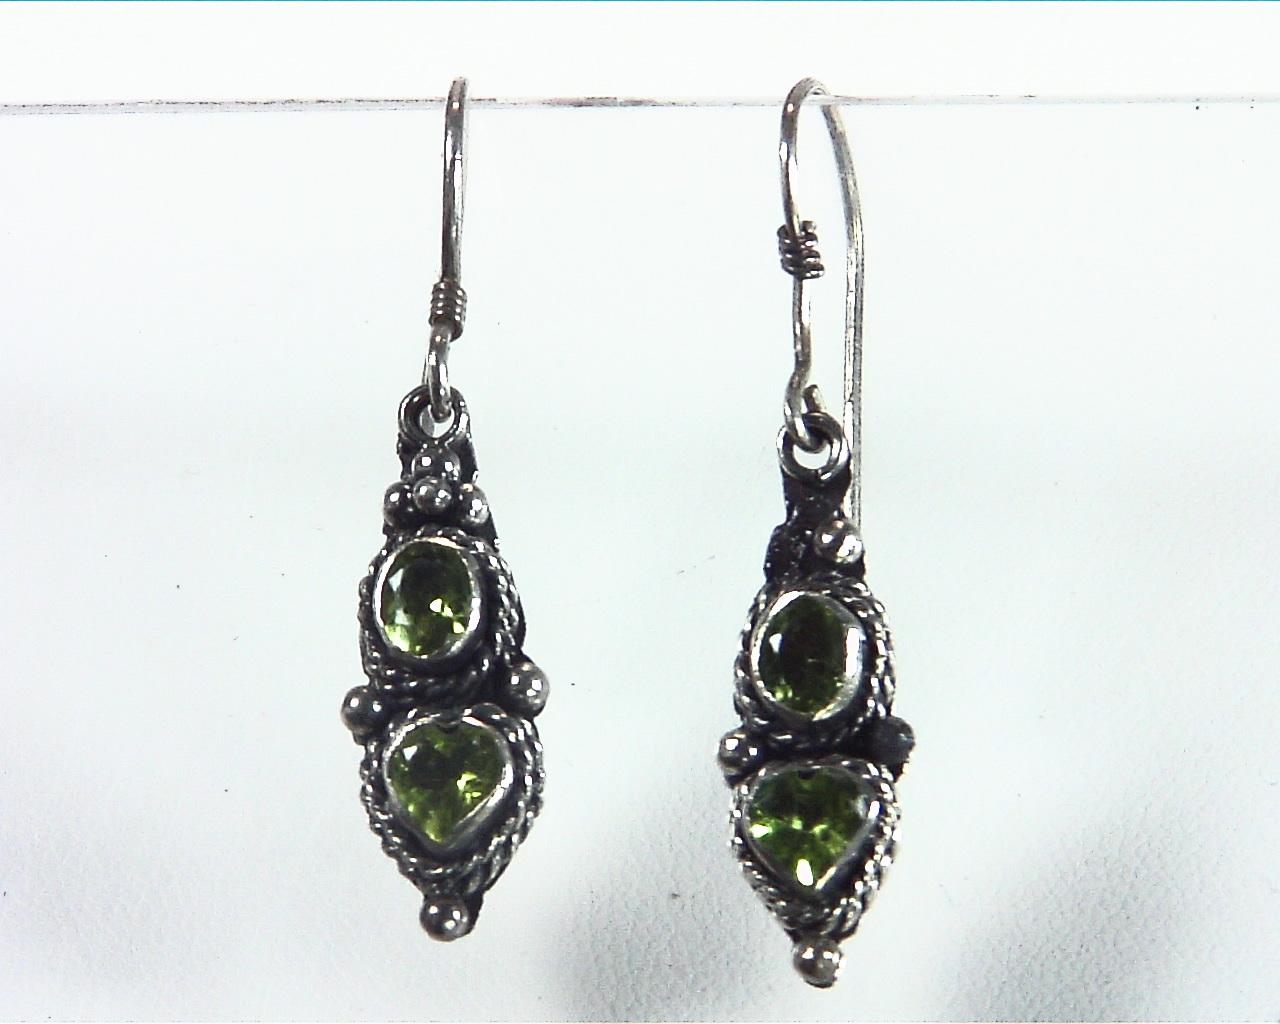 Peridot Natural Genuine Gemstone Sterling Silver Earrings ESS,798 1